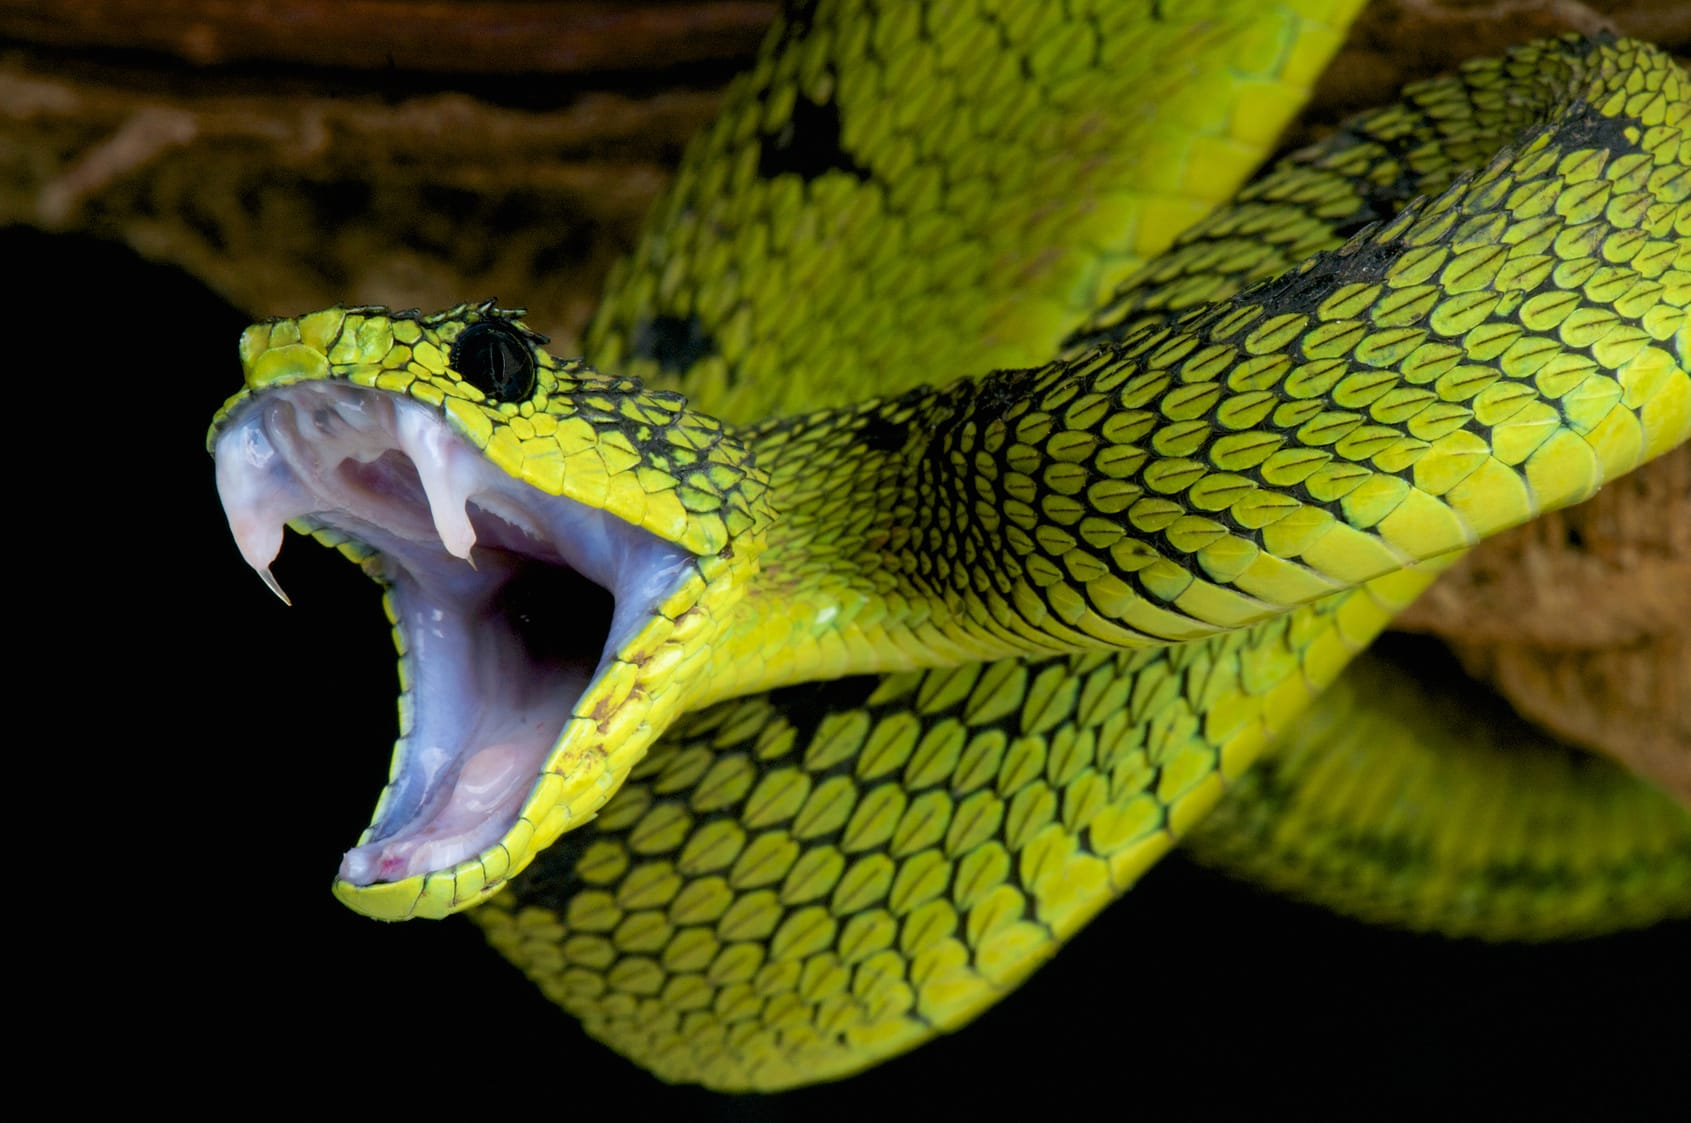 Sollte man einen Schlangenbiss aussaugen?